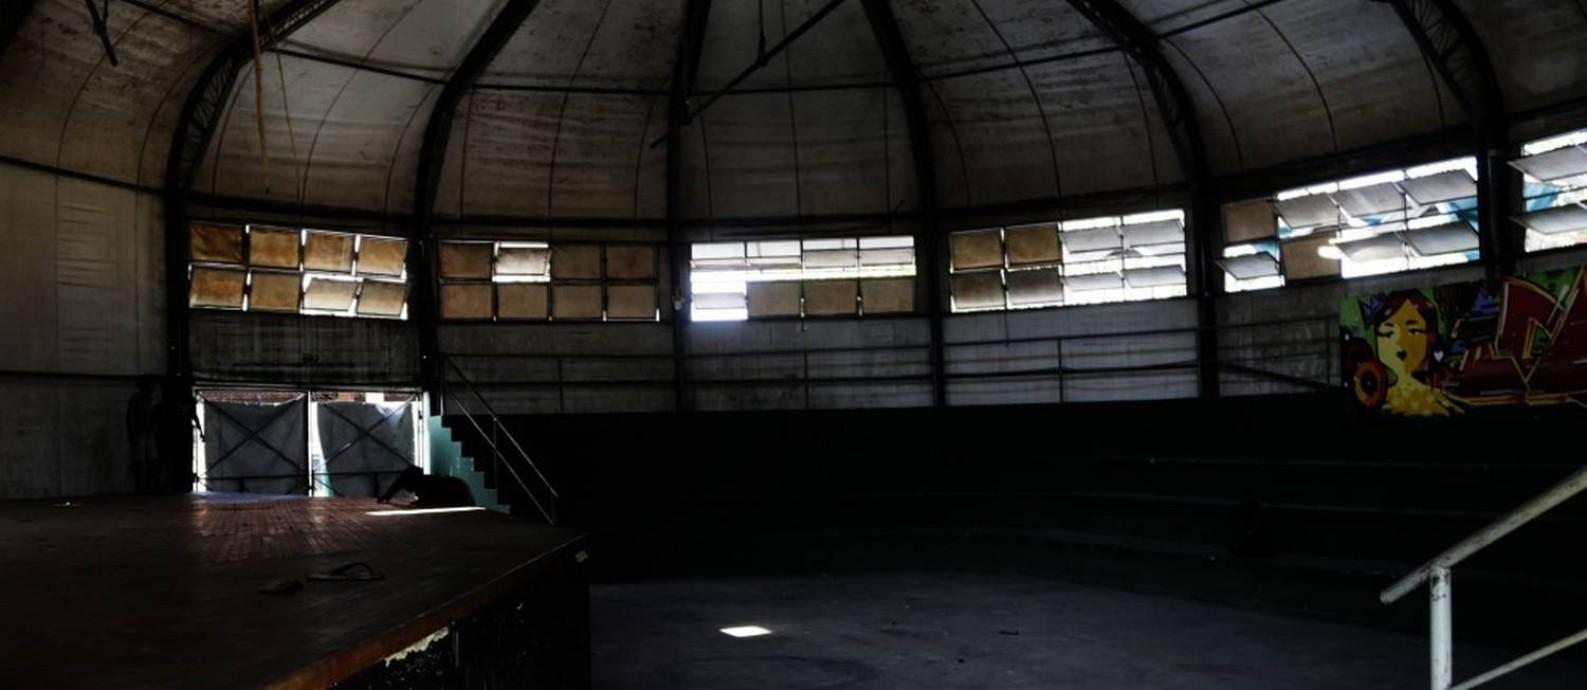 Lona cultural de Santa Cruz virou um amontoado de escombros Foto: ANTONIO SCORZA / Agência O Globo